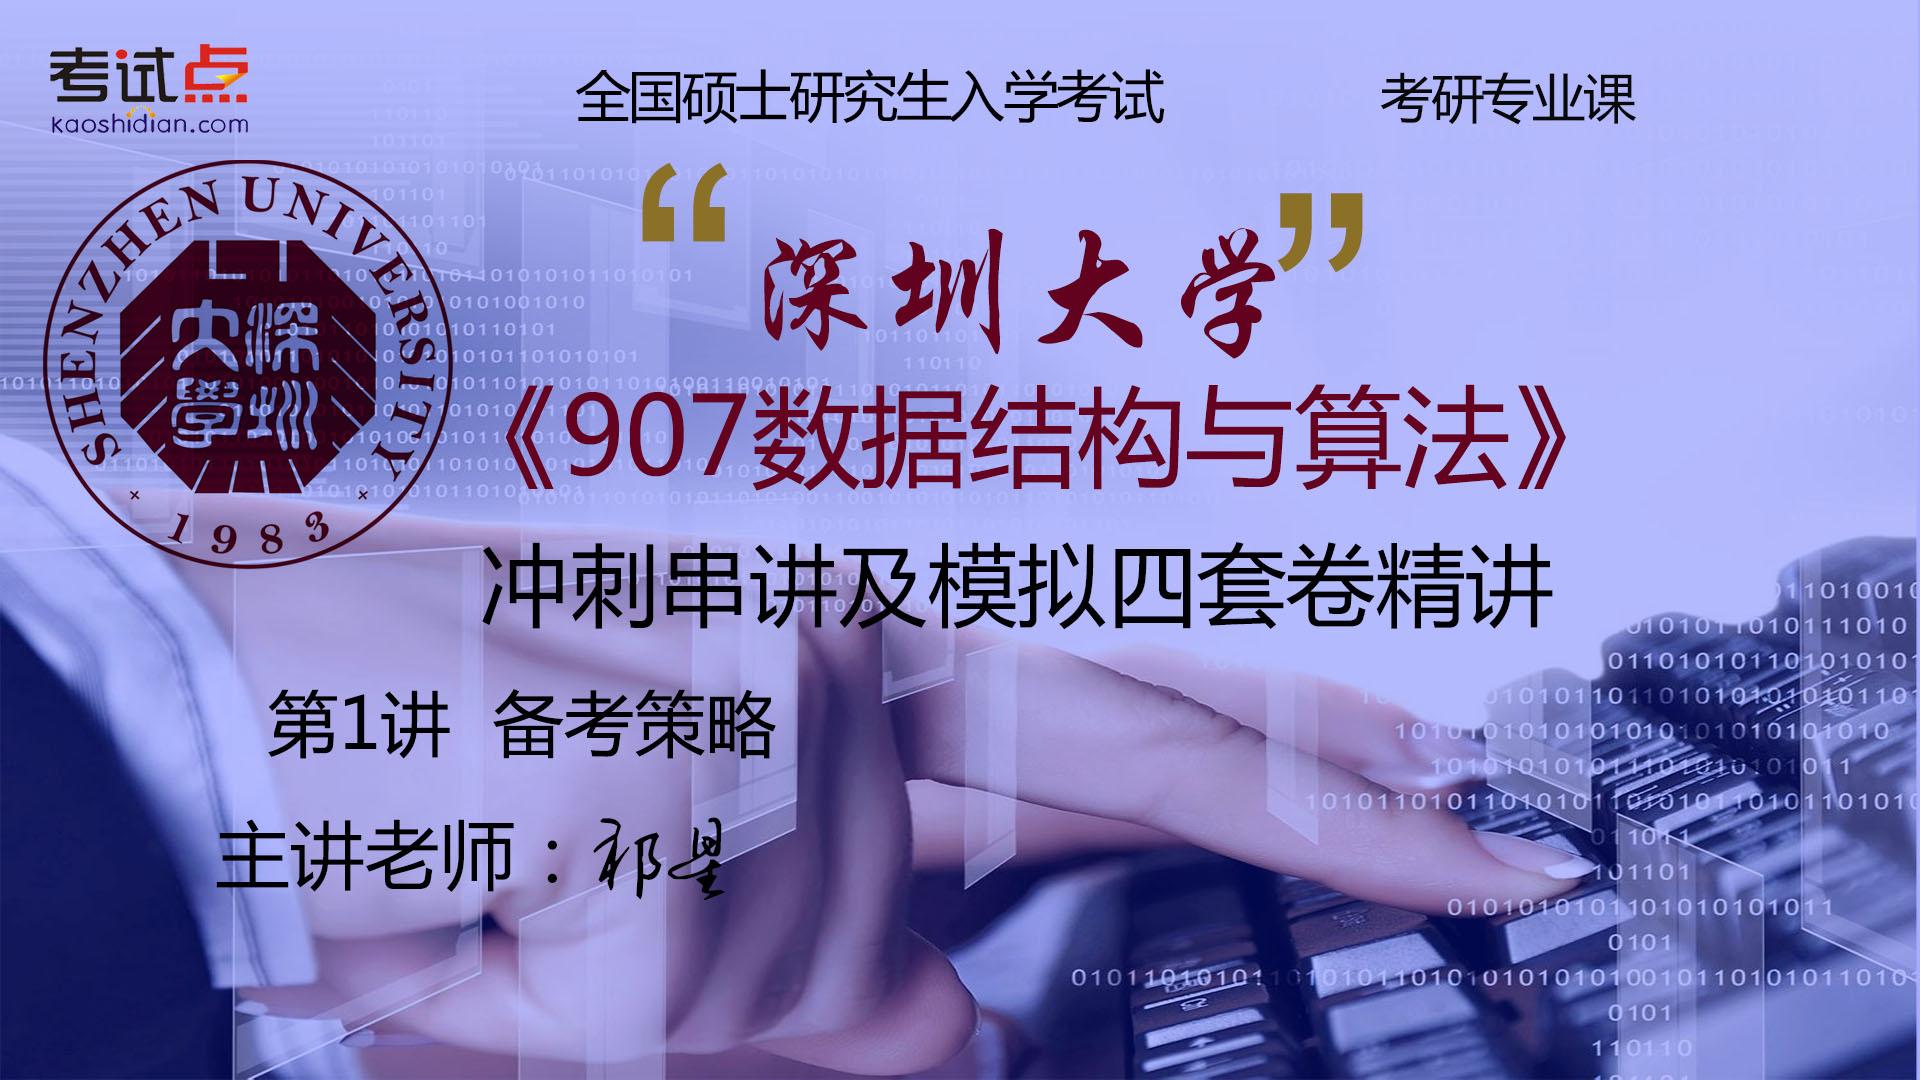 【考研专业课】深圳大学《907数据结构与算法》冲刺